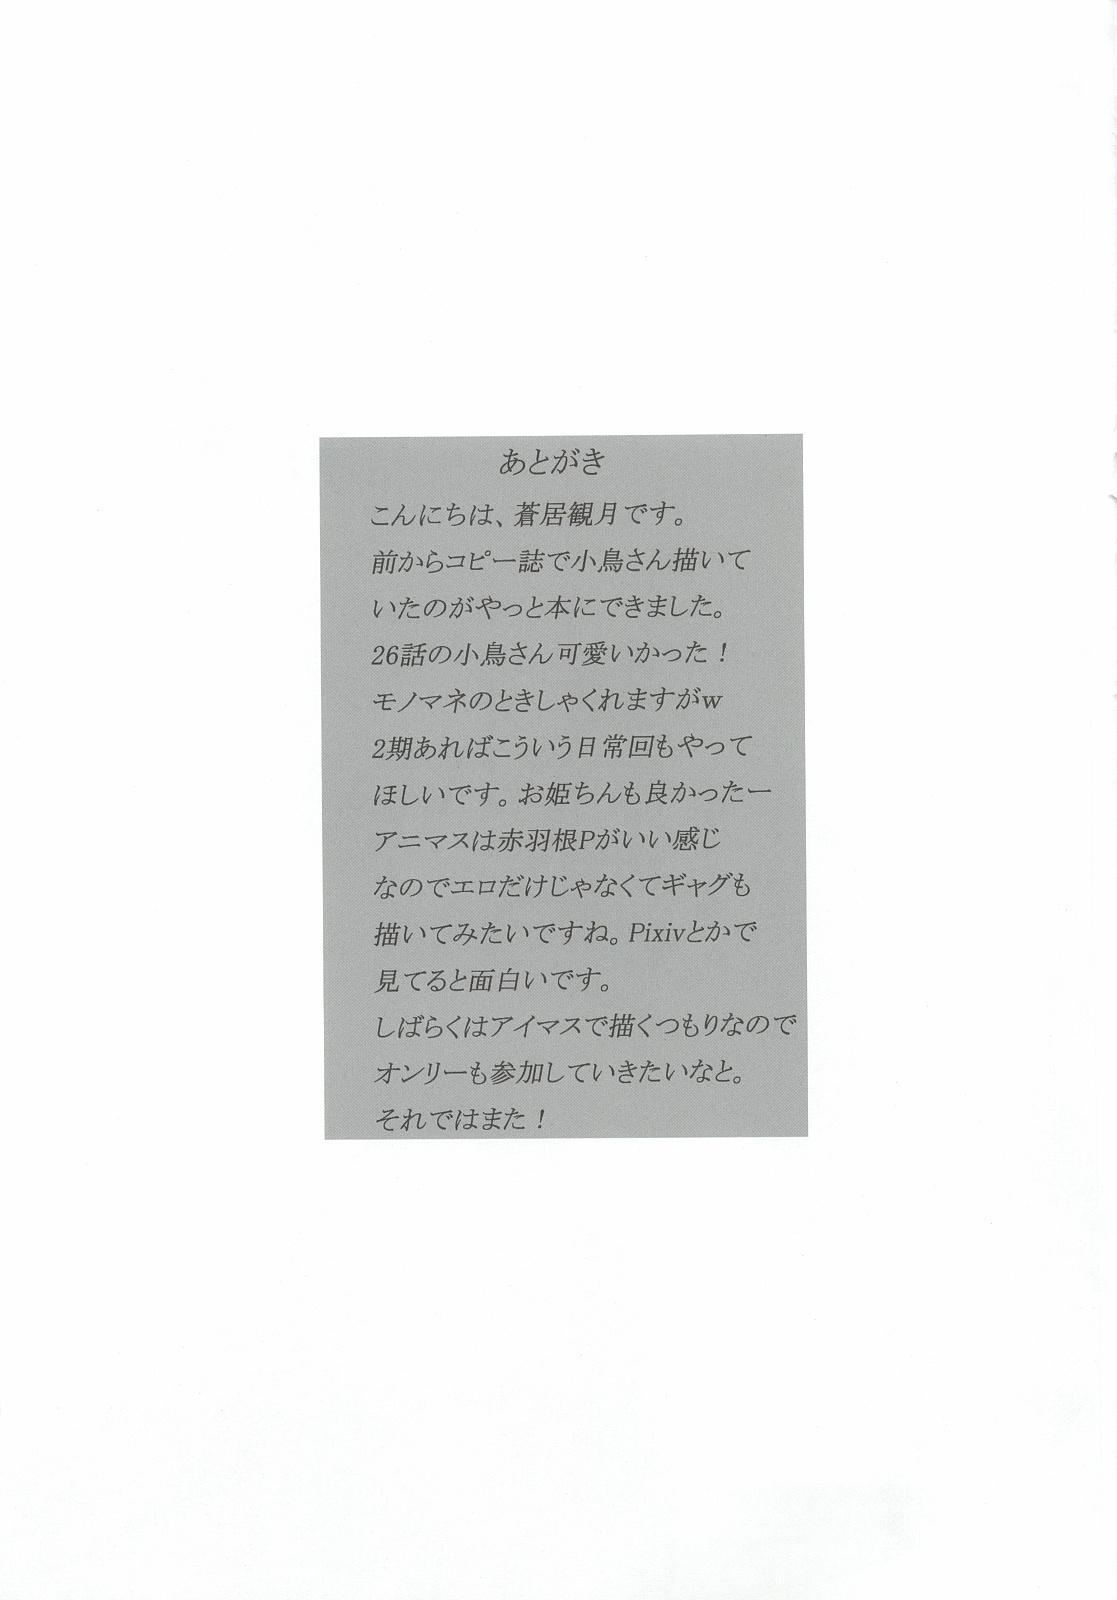 Otonashi Kotori ga Main Heroine ni Naru Kanousei ga Biryuushi Level de Sonzai Shiteiru...? 15